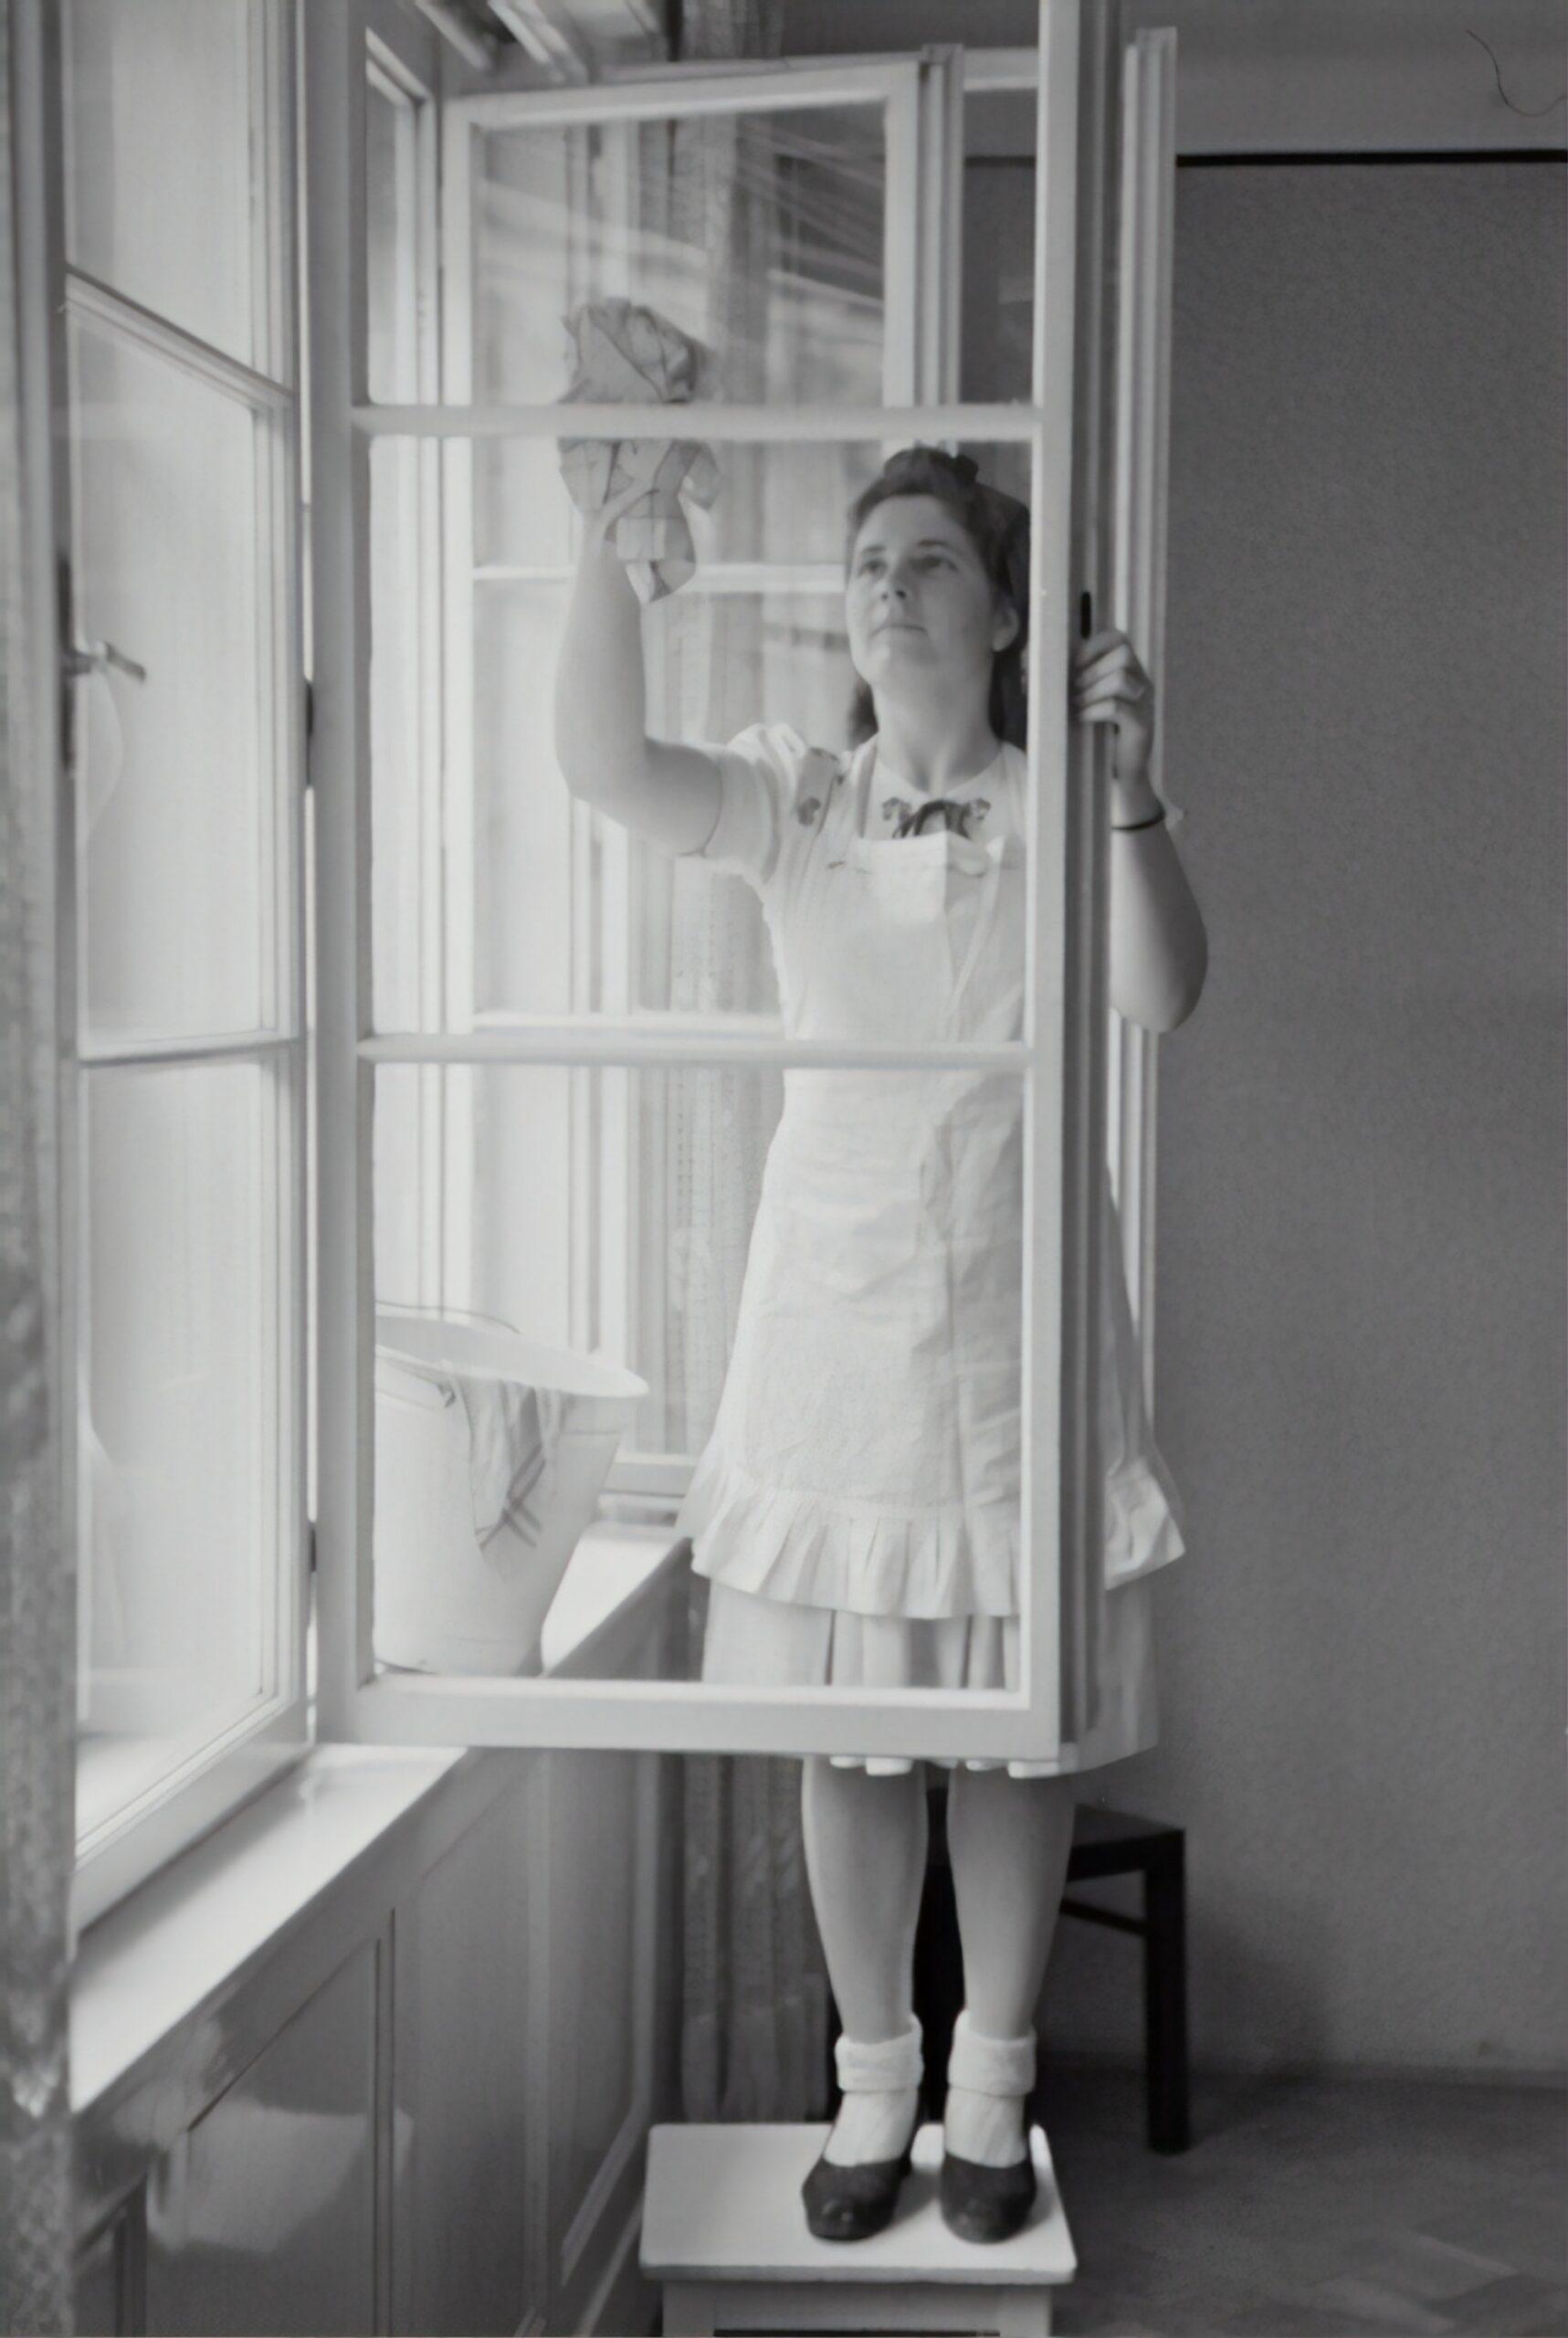 Svartvit gammal bild på kvinna som putsar fönster.